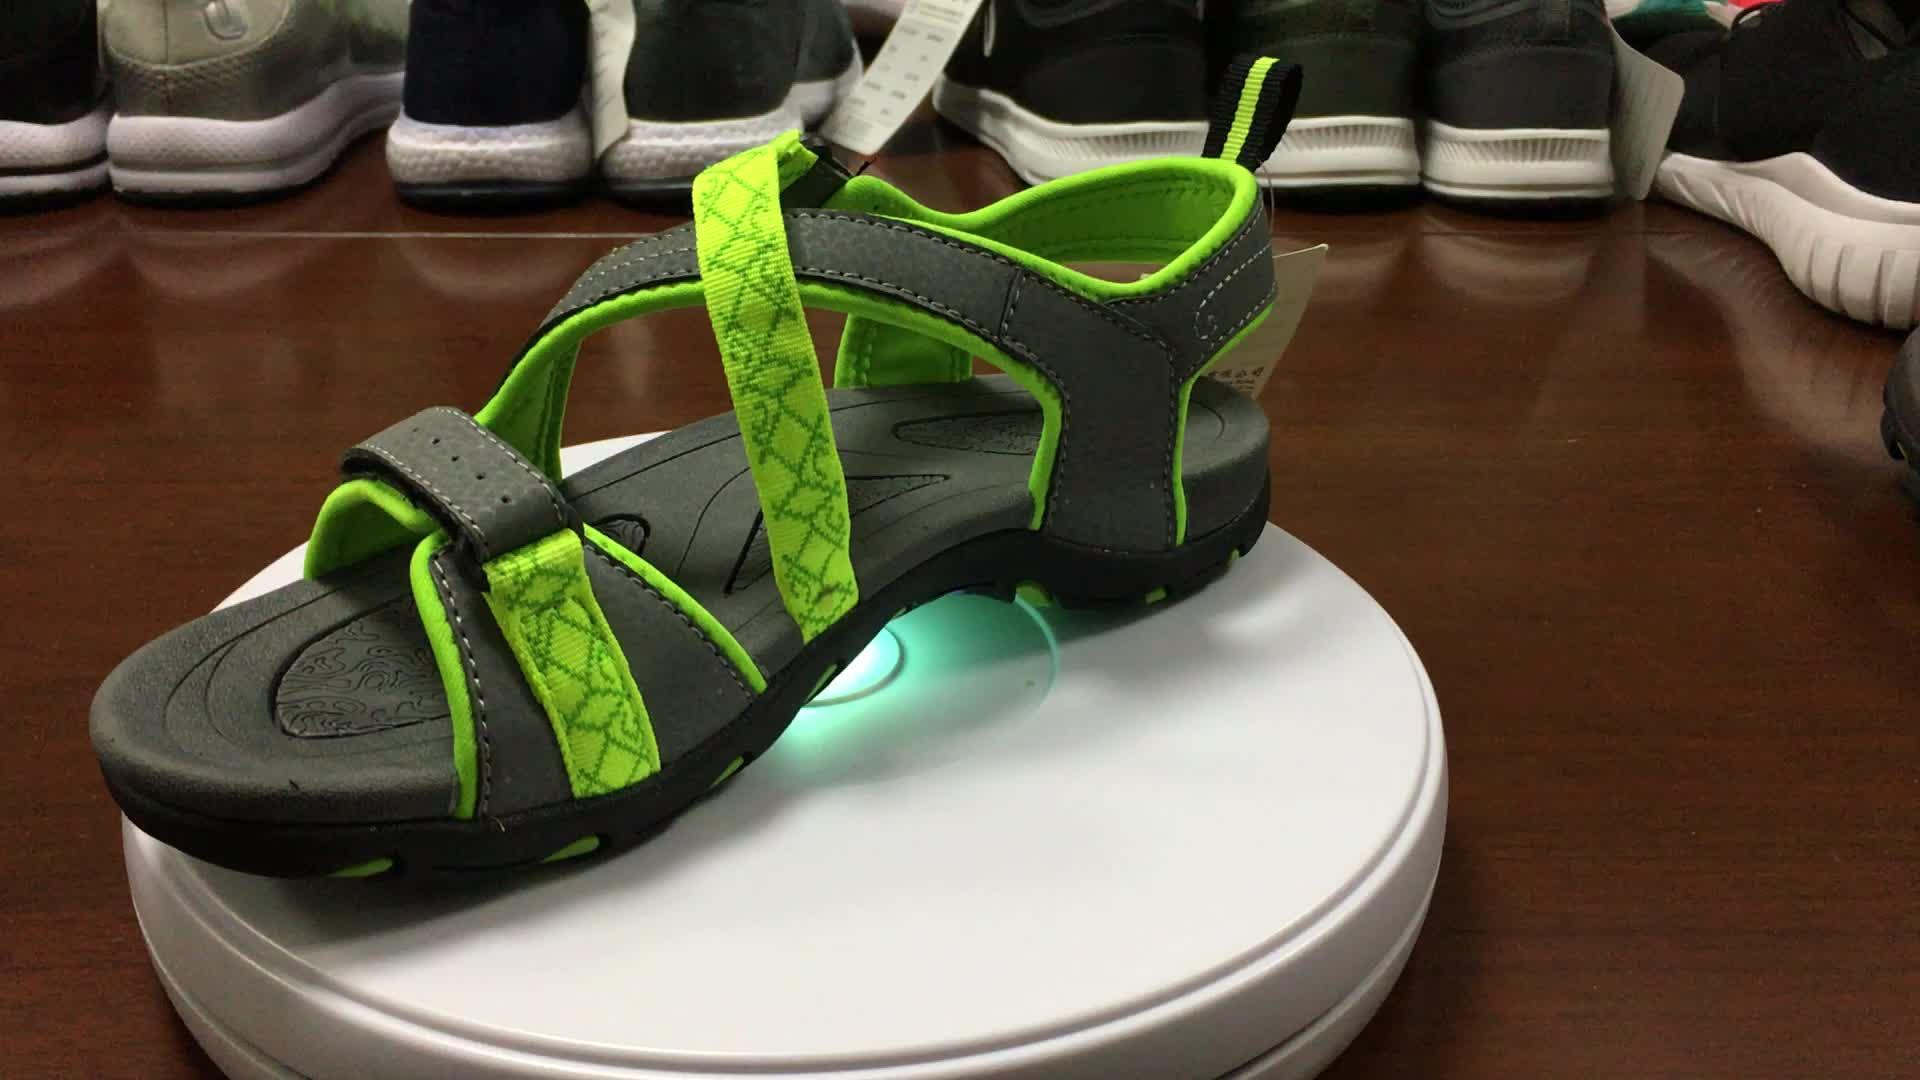 Desain baru Eva Karet Pria Kenyamanan Relaksasi Trekking Sandal